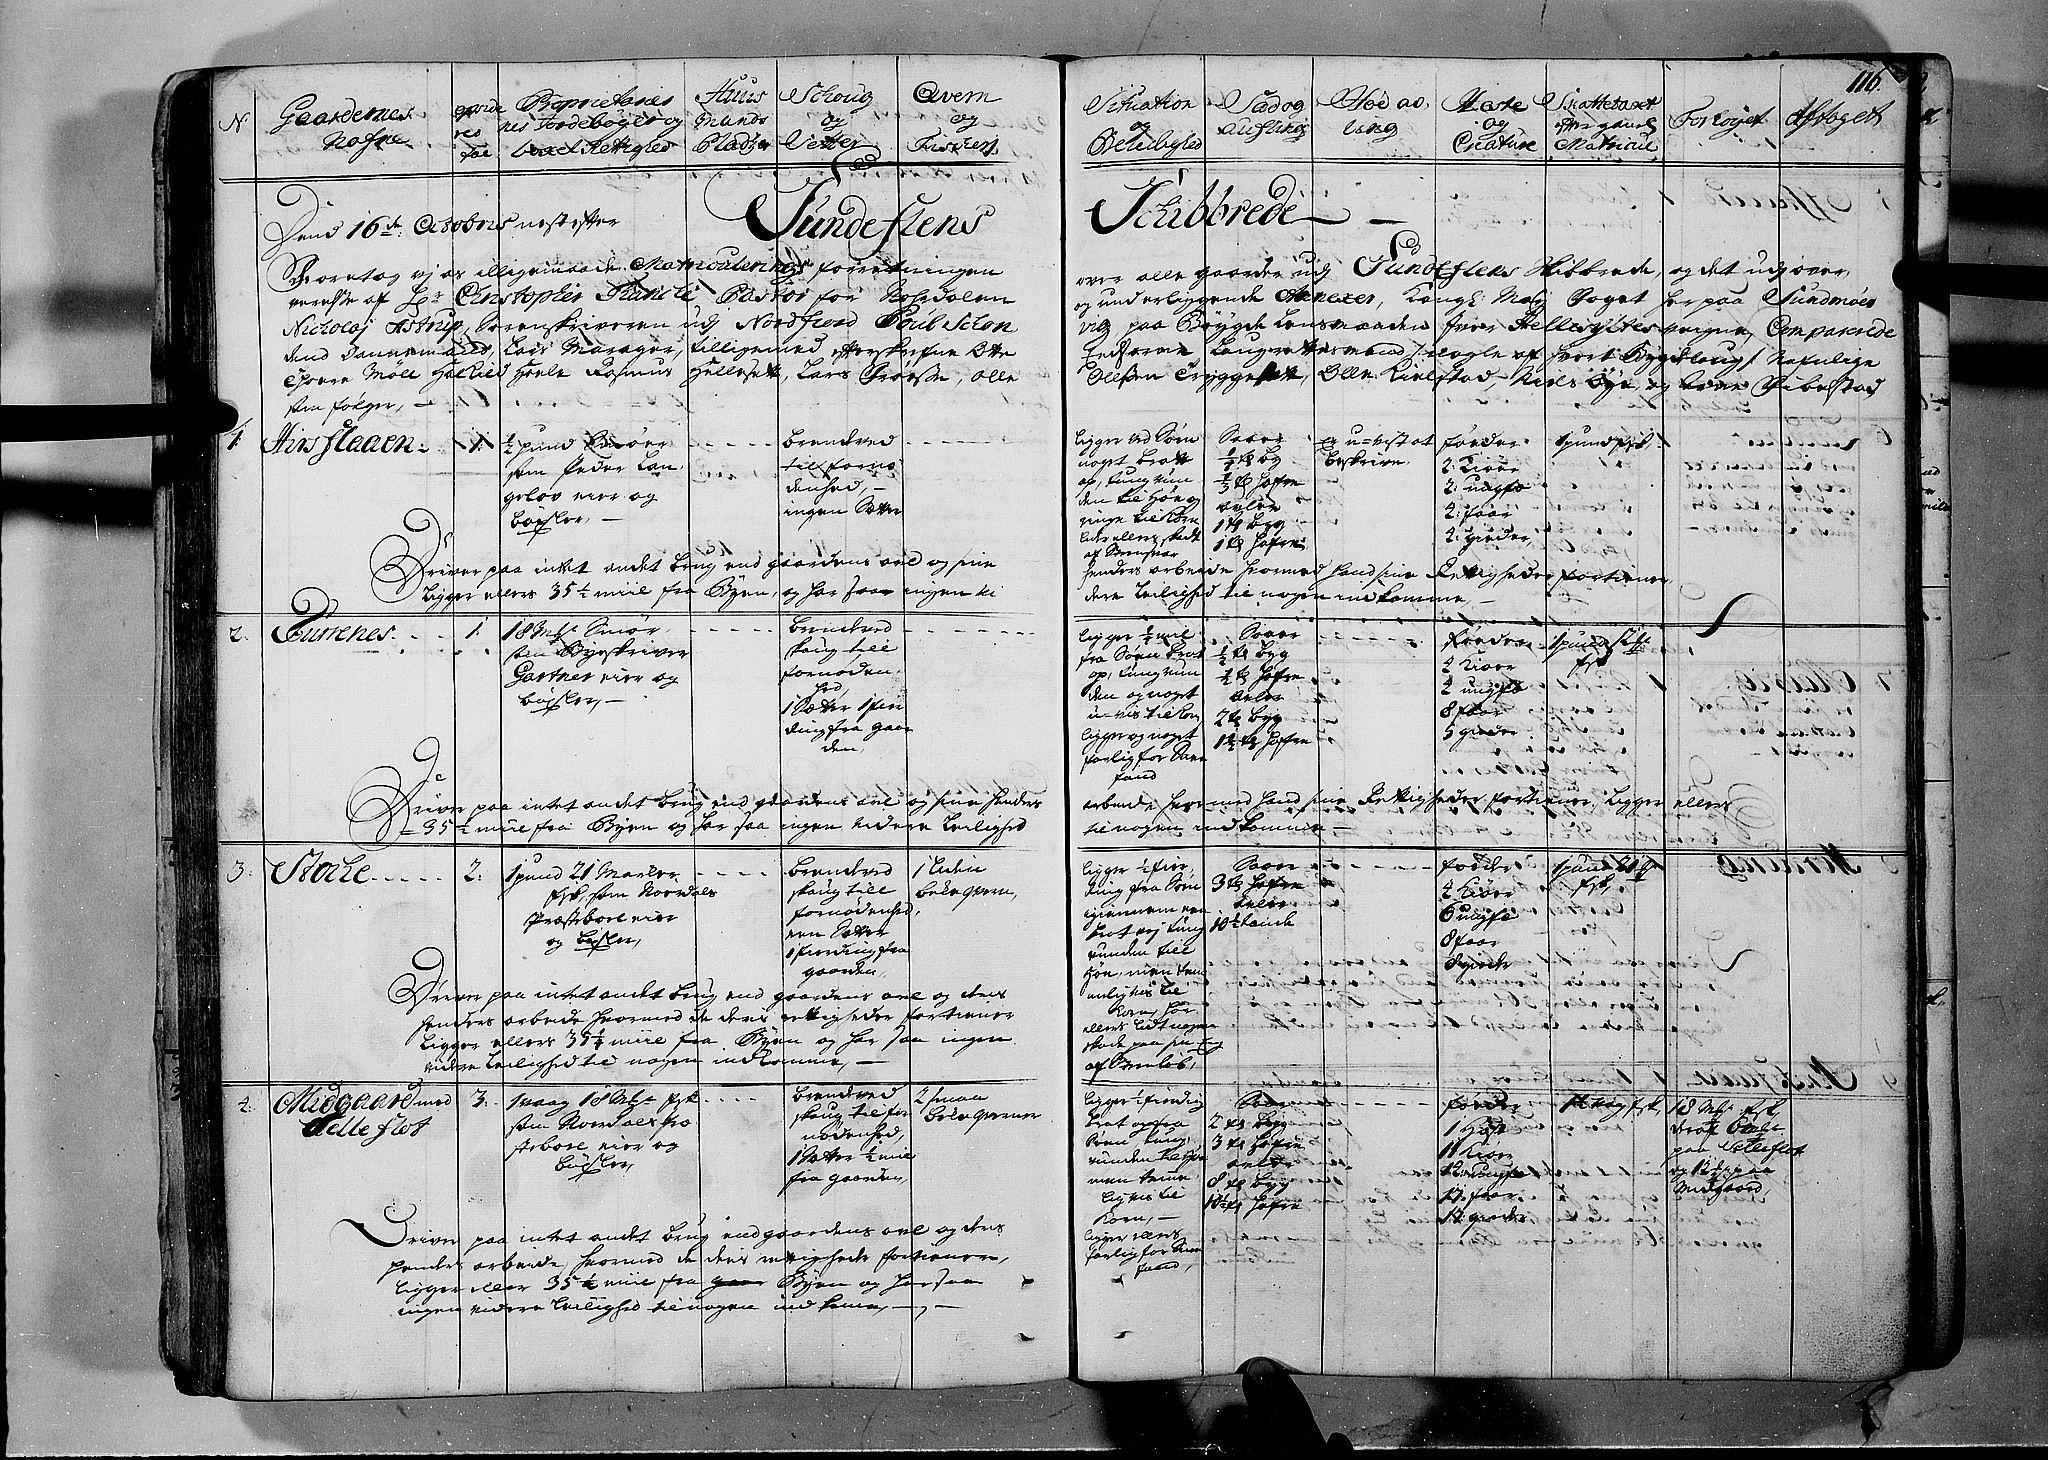 RA, Rentekammeret inntil 1814, Realistisk ordnet avdeling, N/Nb/Nbf/L0150: Sunnmøre eksaminasjonsprotokoll, 1724, s. 115b-116a